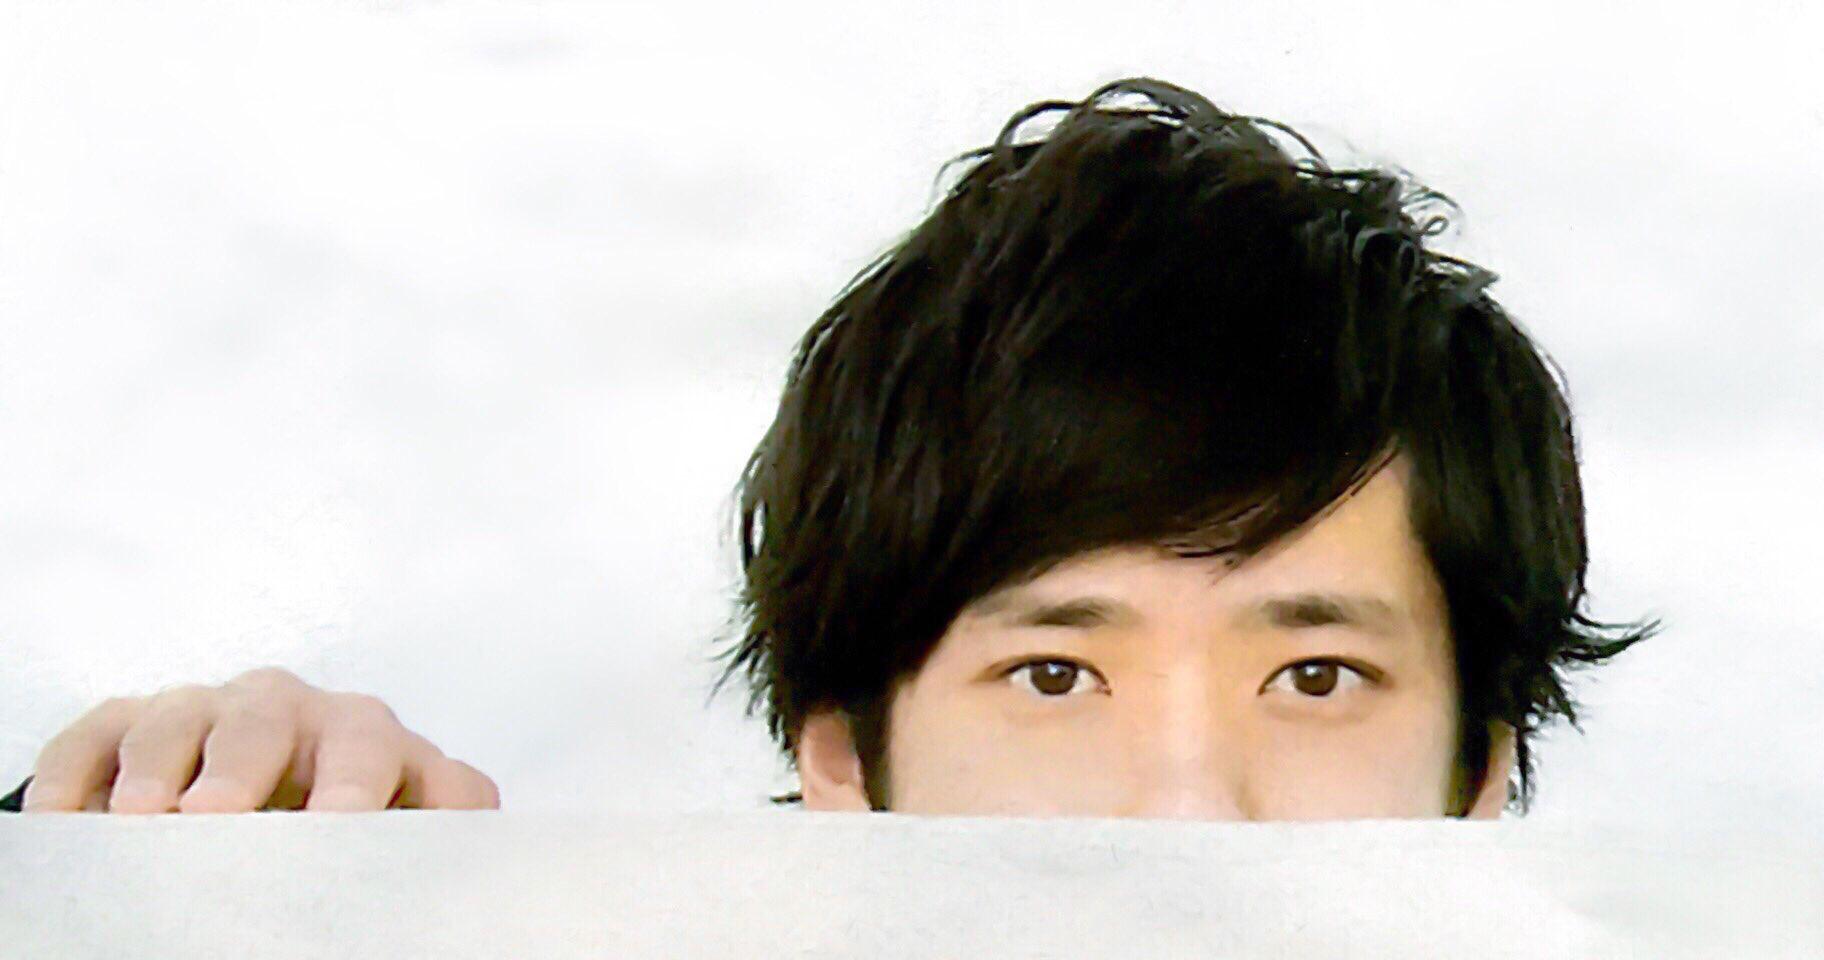 二宮 おしゃれまとめの人気アイデア Pinterest Prince Ziyu ニノ にのみやかずなり 四郎